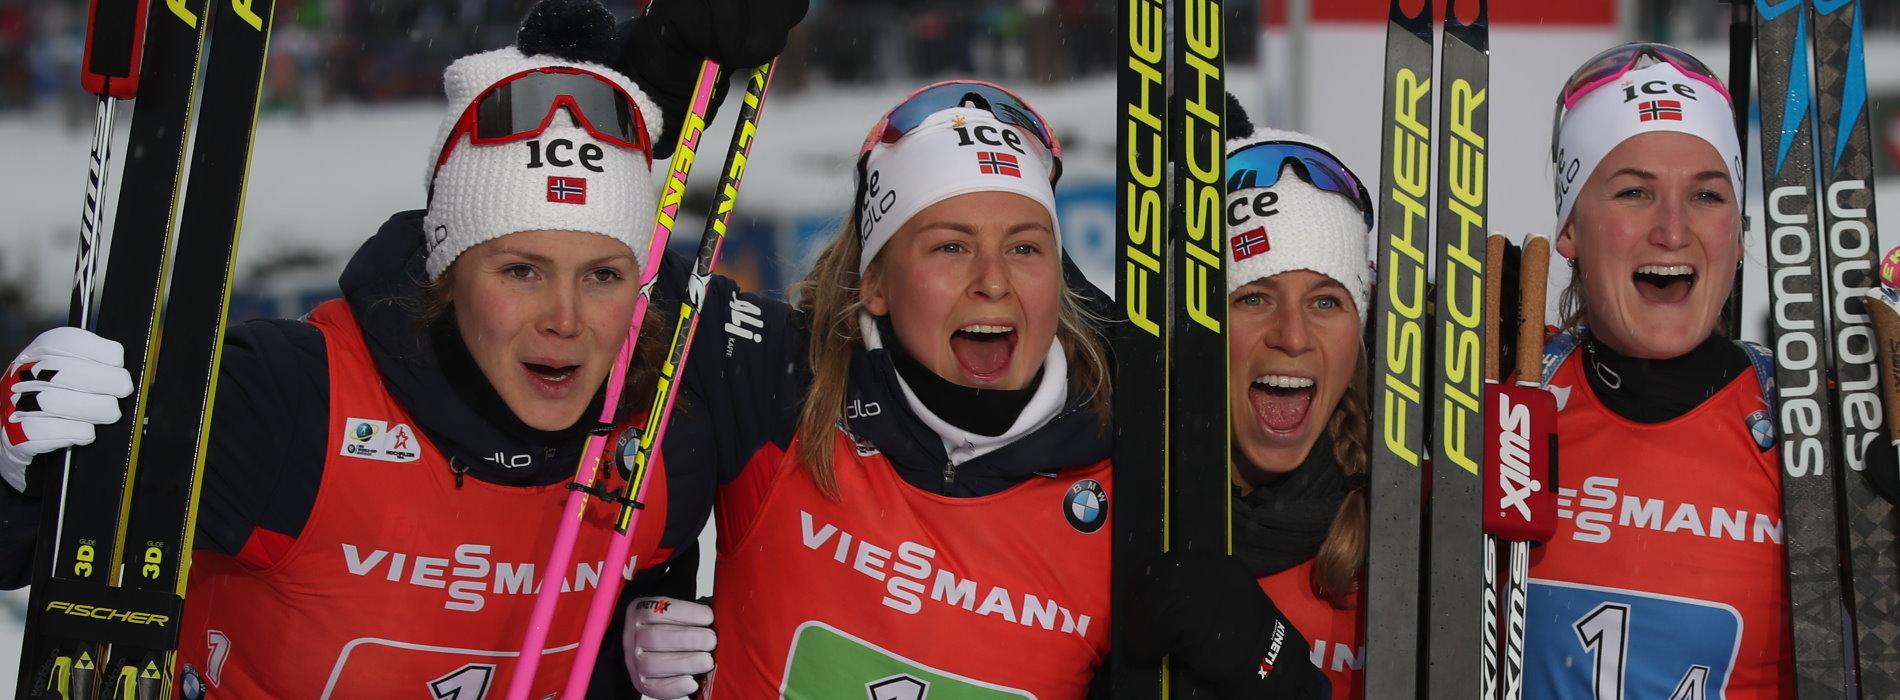 Damenstaffel Norwegen Hochfilzen 2019